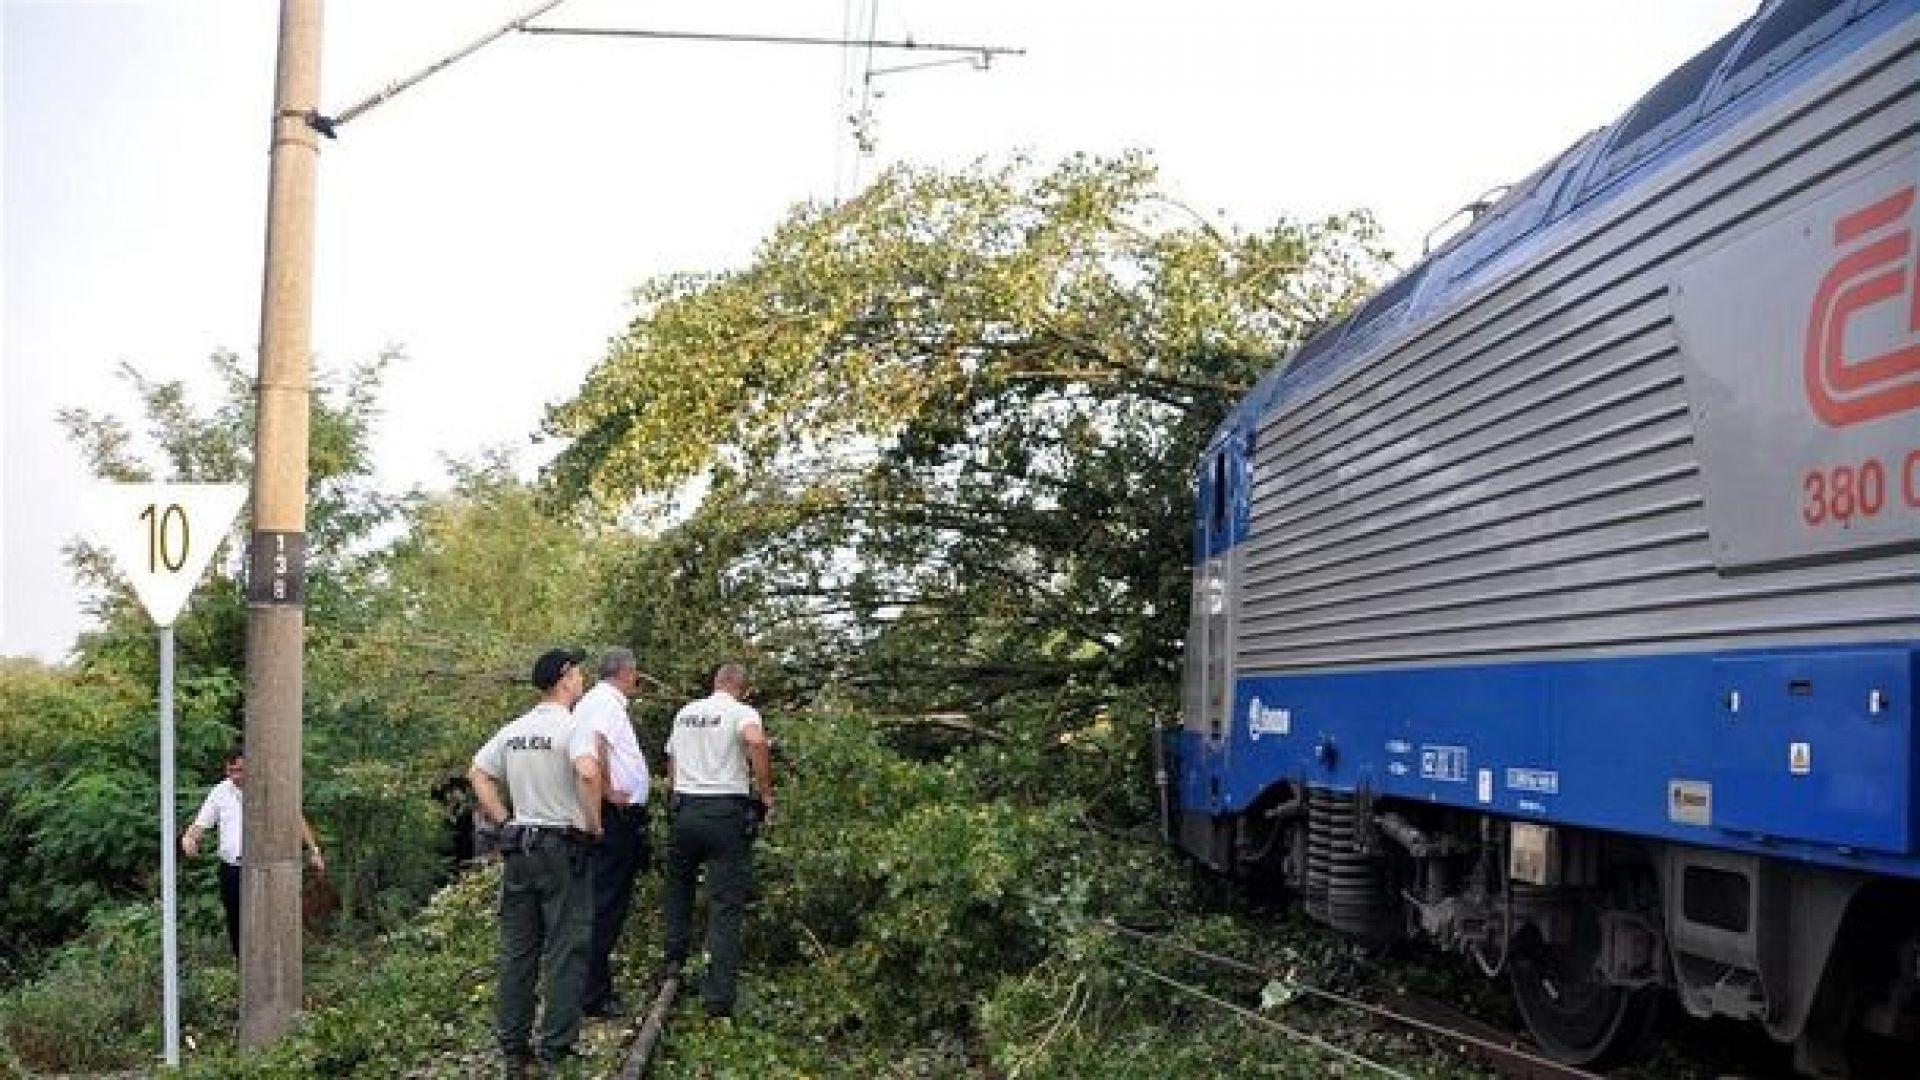 Осъдиха чешки пенсионер за тероризъм срещу влакове